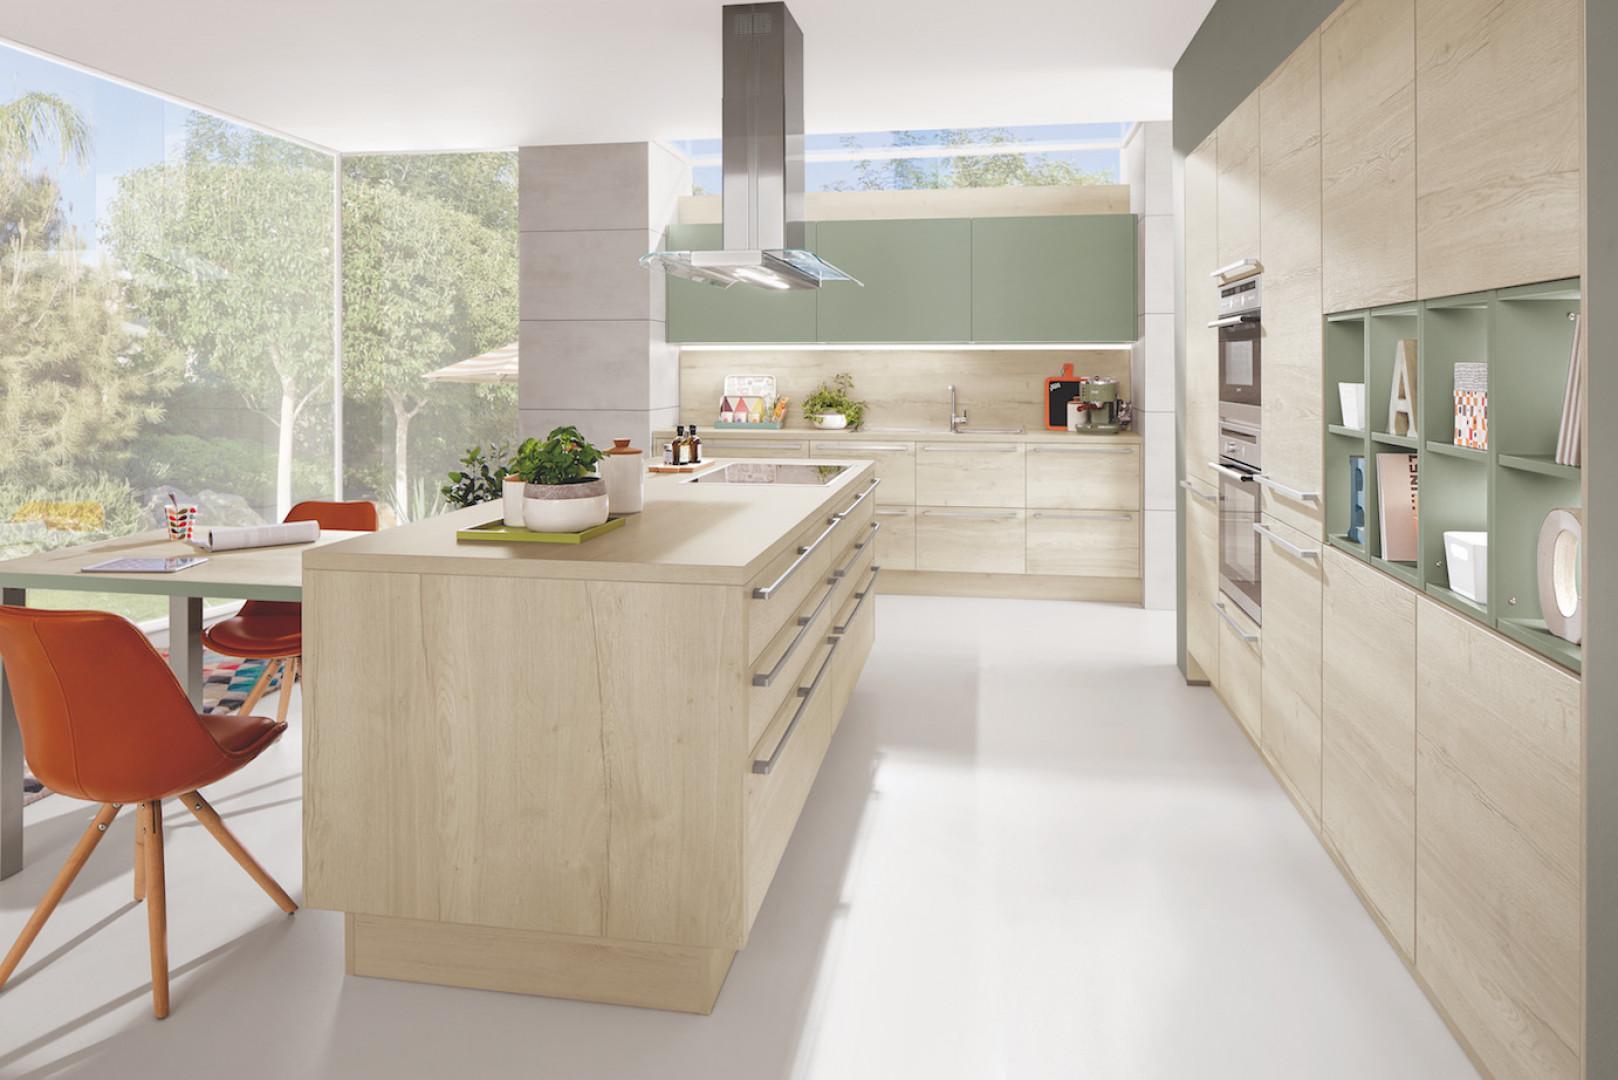 Kolory jasnego drewna są bardzo popularnym rozwiązaniem w kuchni. Fot. Verle